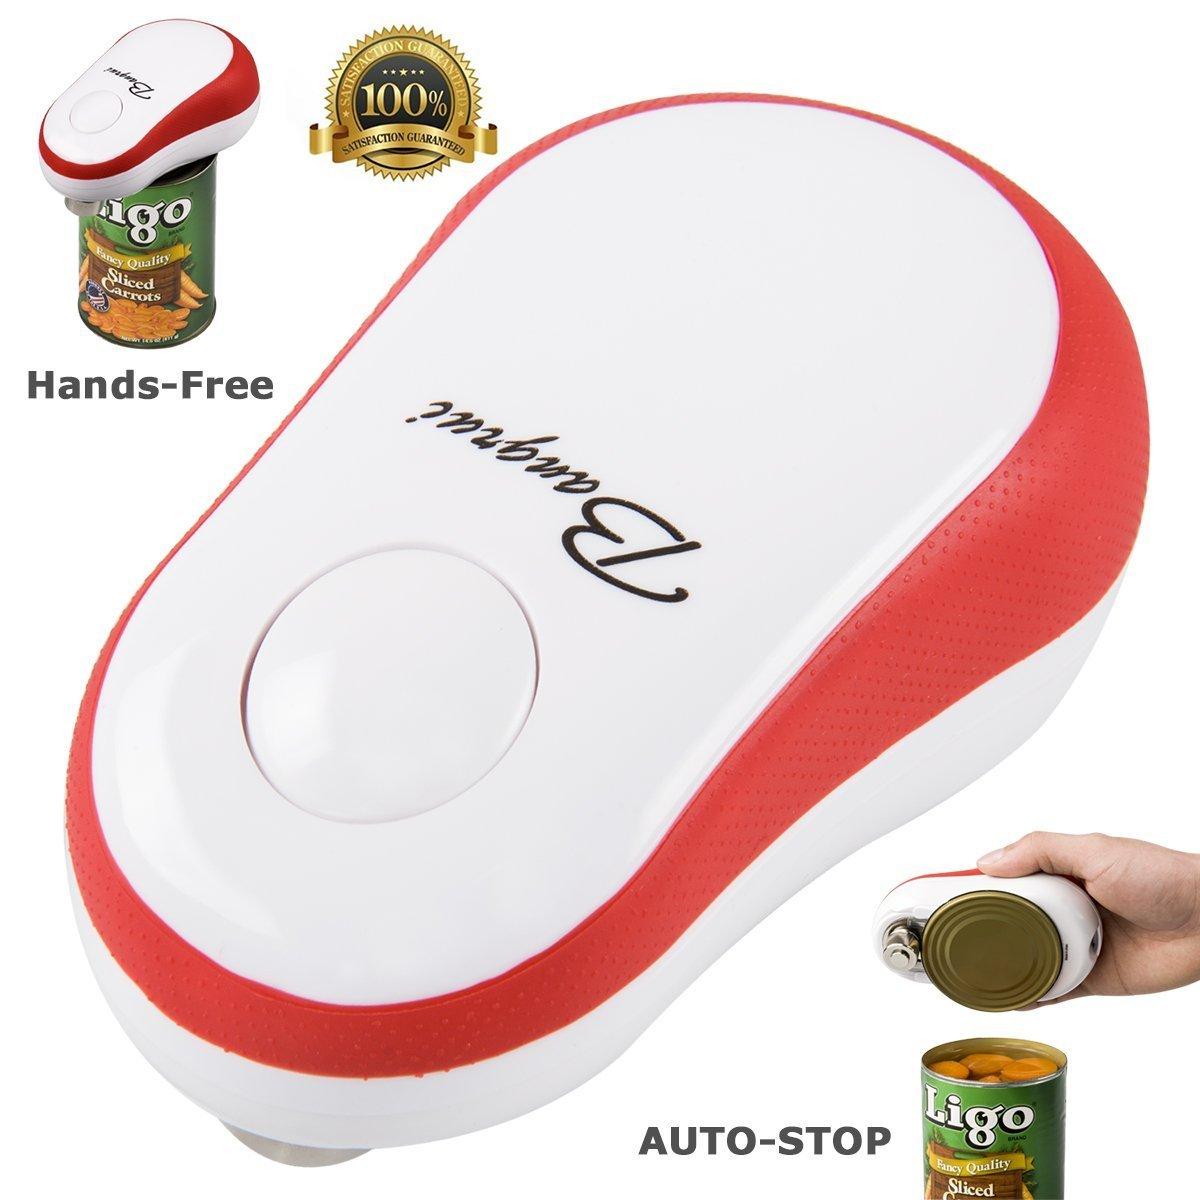 bangrui abrelatas eléctrico (Versión mejorada automático abrelatas eléctrico (mano libre rápido seguro inteligente función de parada para personas mayores Vieja Personas diestros y zurdos rojo